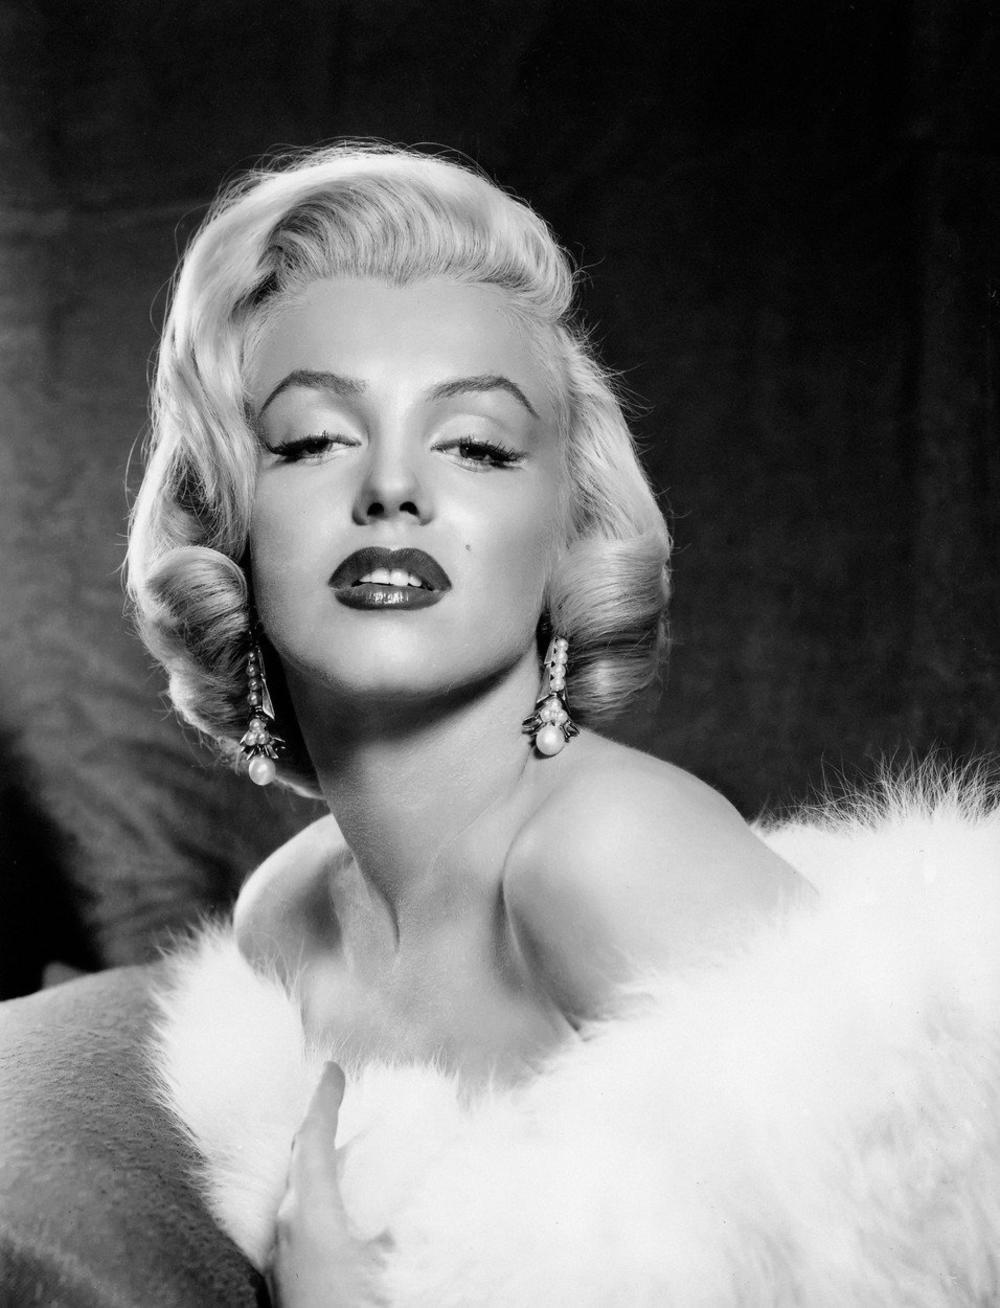 <p>Bila je oličenje glamura i seksepila, i skoro da nije bilo osobe koja nije želela da joj se približi i bude poput nje.</p>